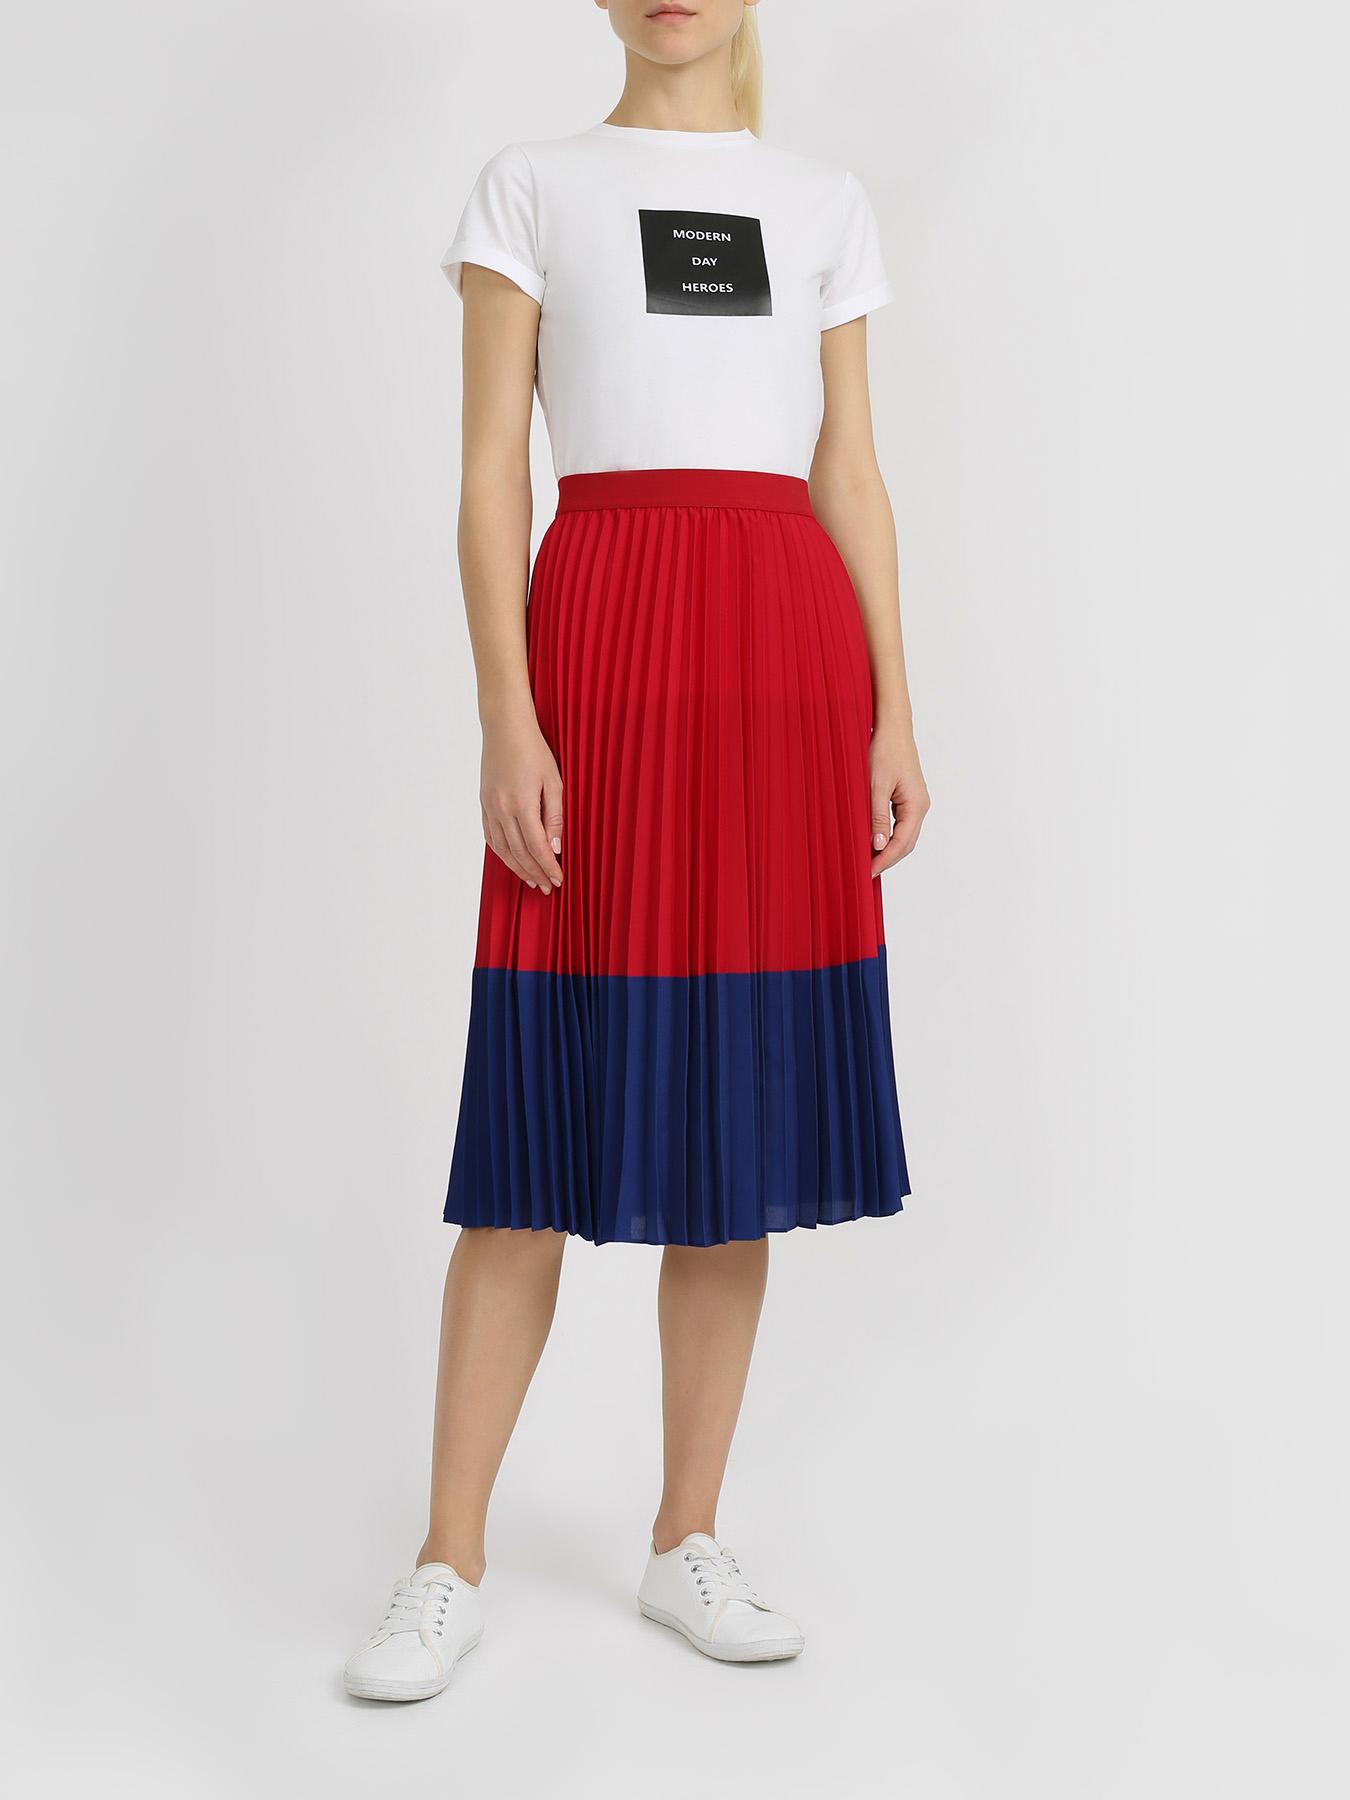 Купить со скидкой Pinko Плиссированная юбка